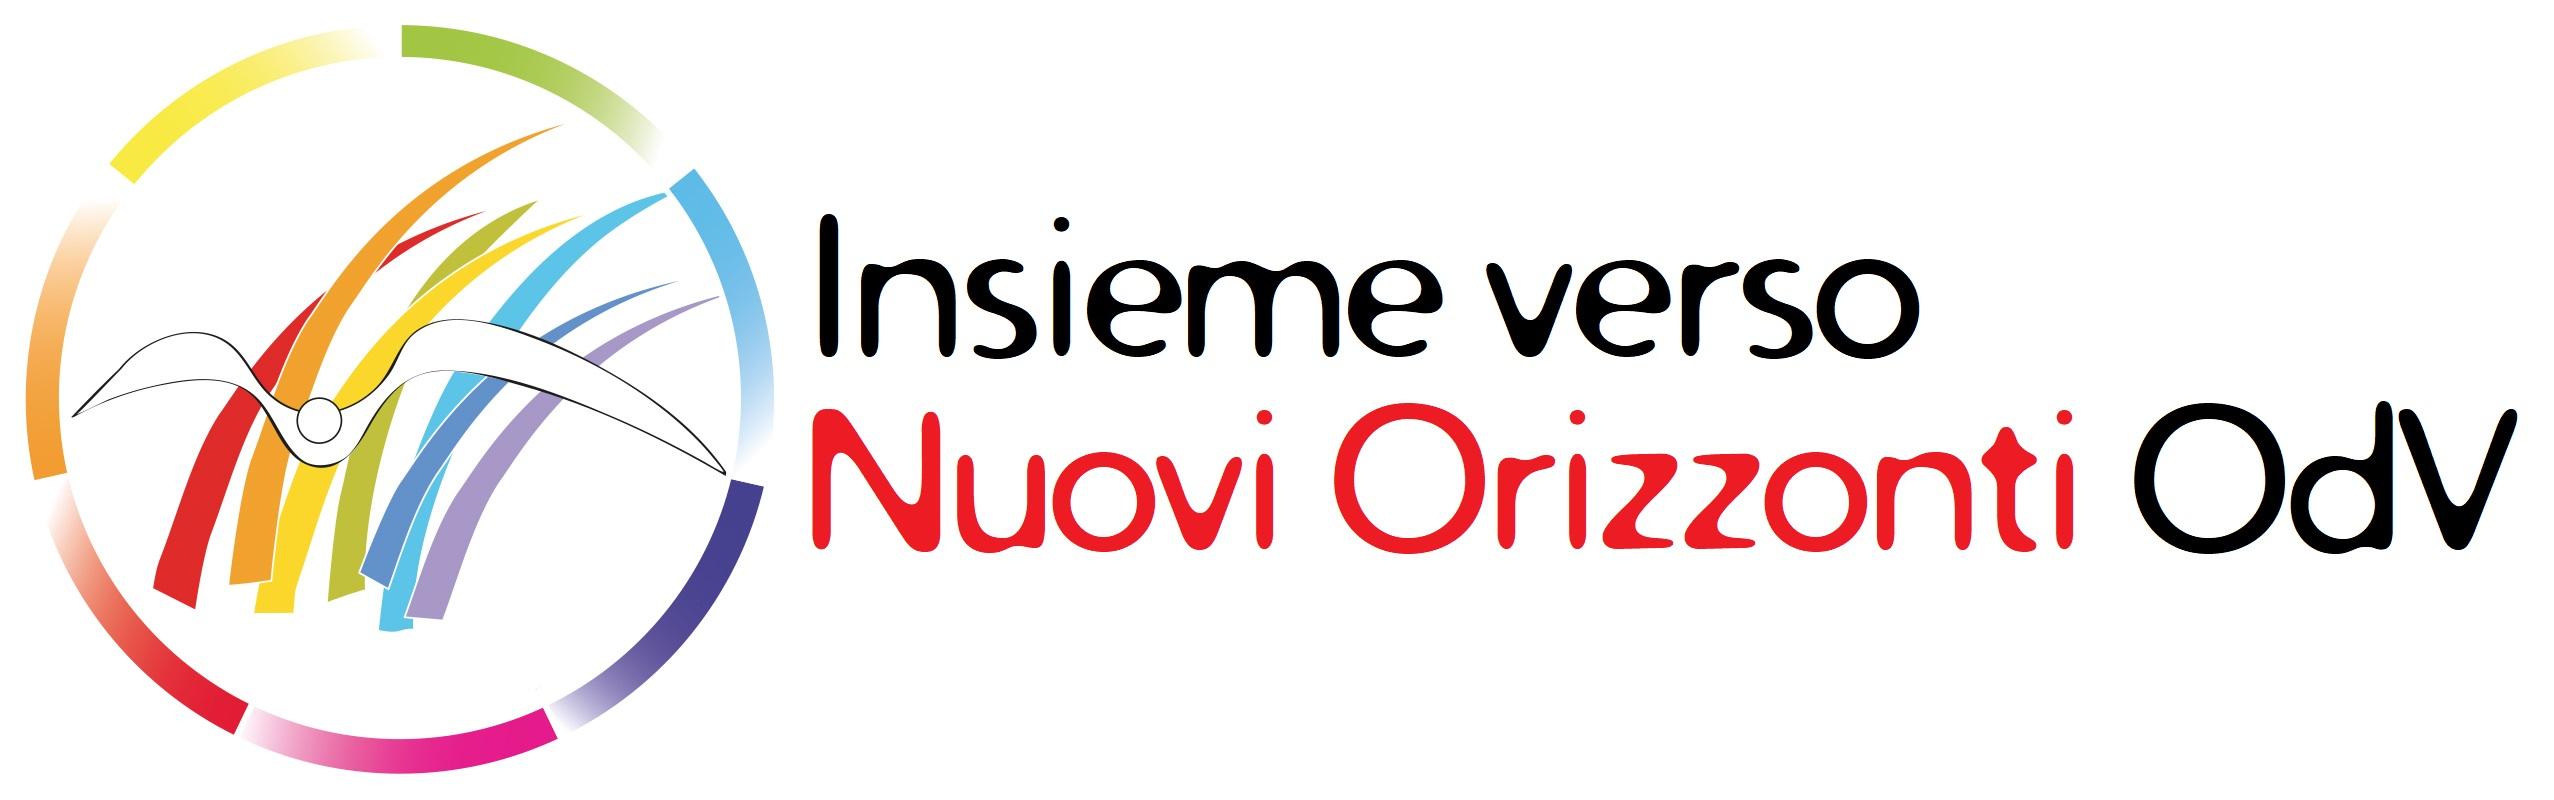 Associazione Trentina NUOVI ORIZZONTI ONLUS